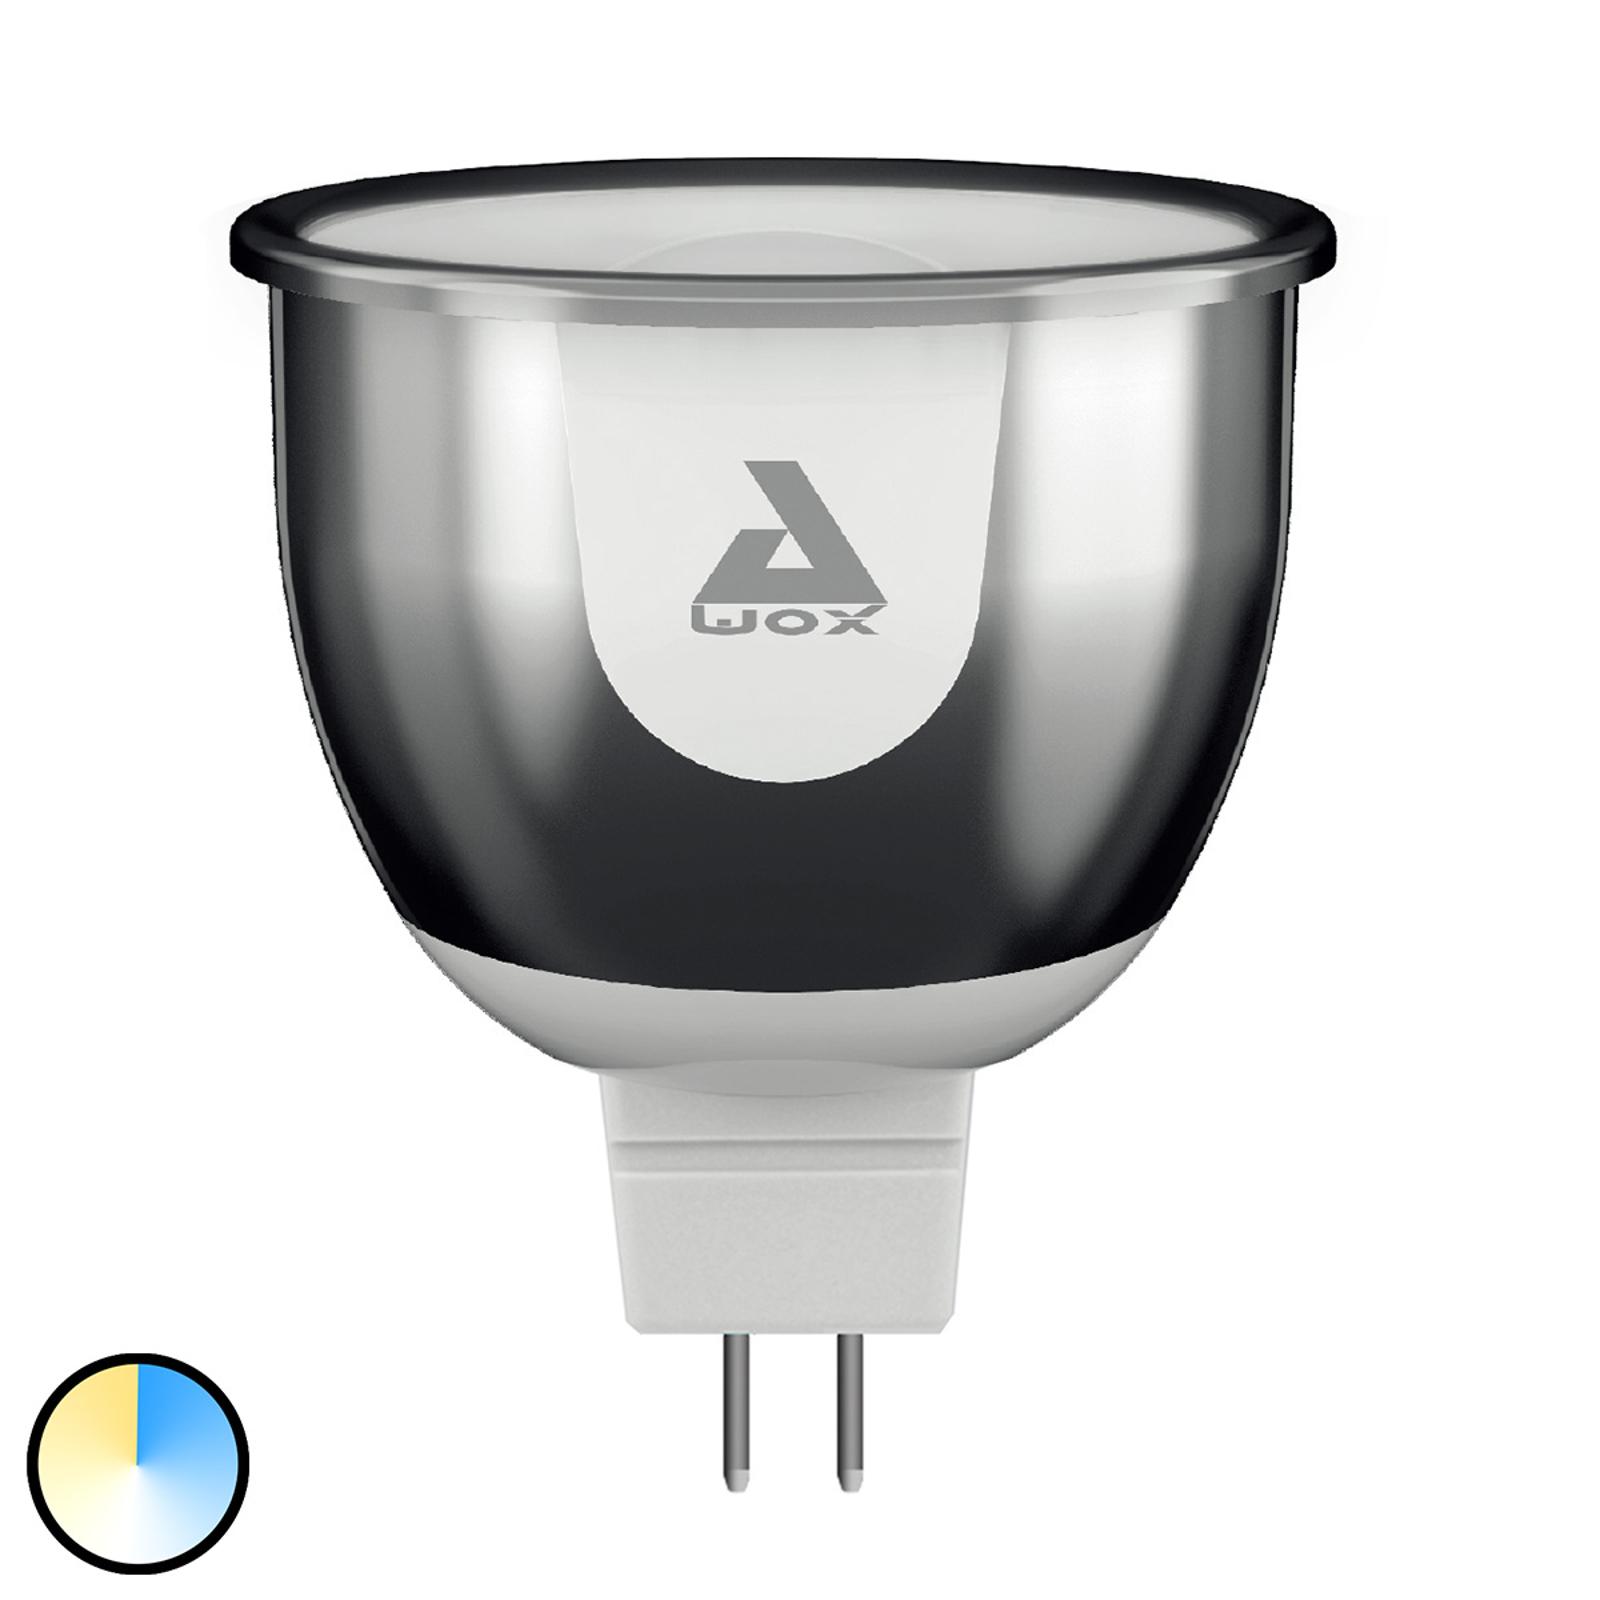 AwoX SmartLIGHT LED-reflektor GU5.3 4 W